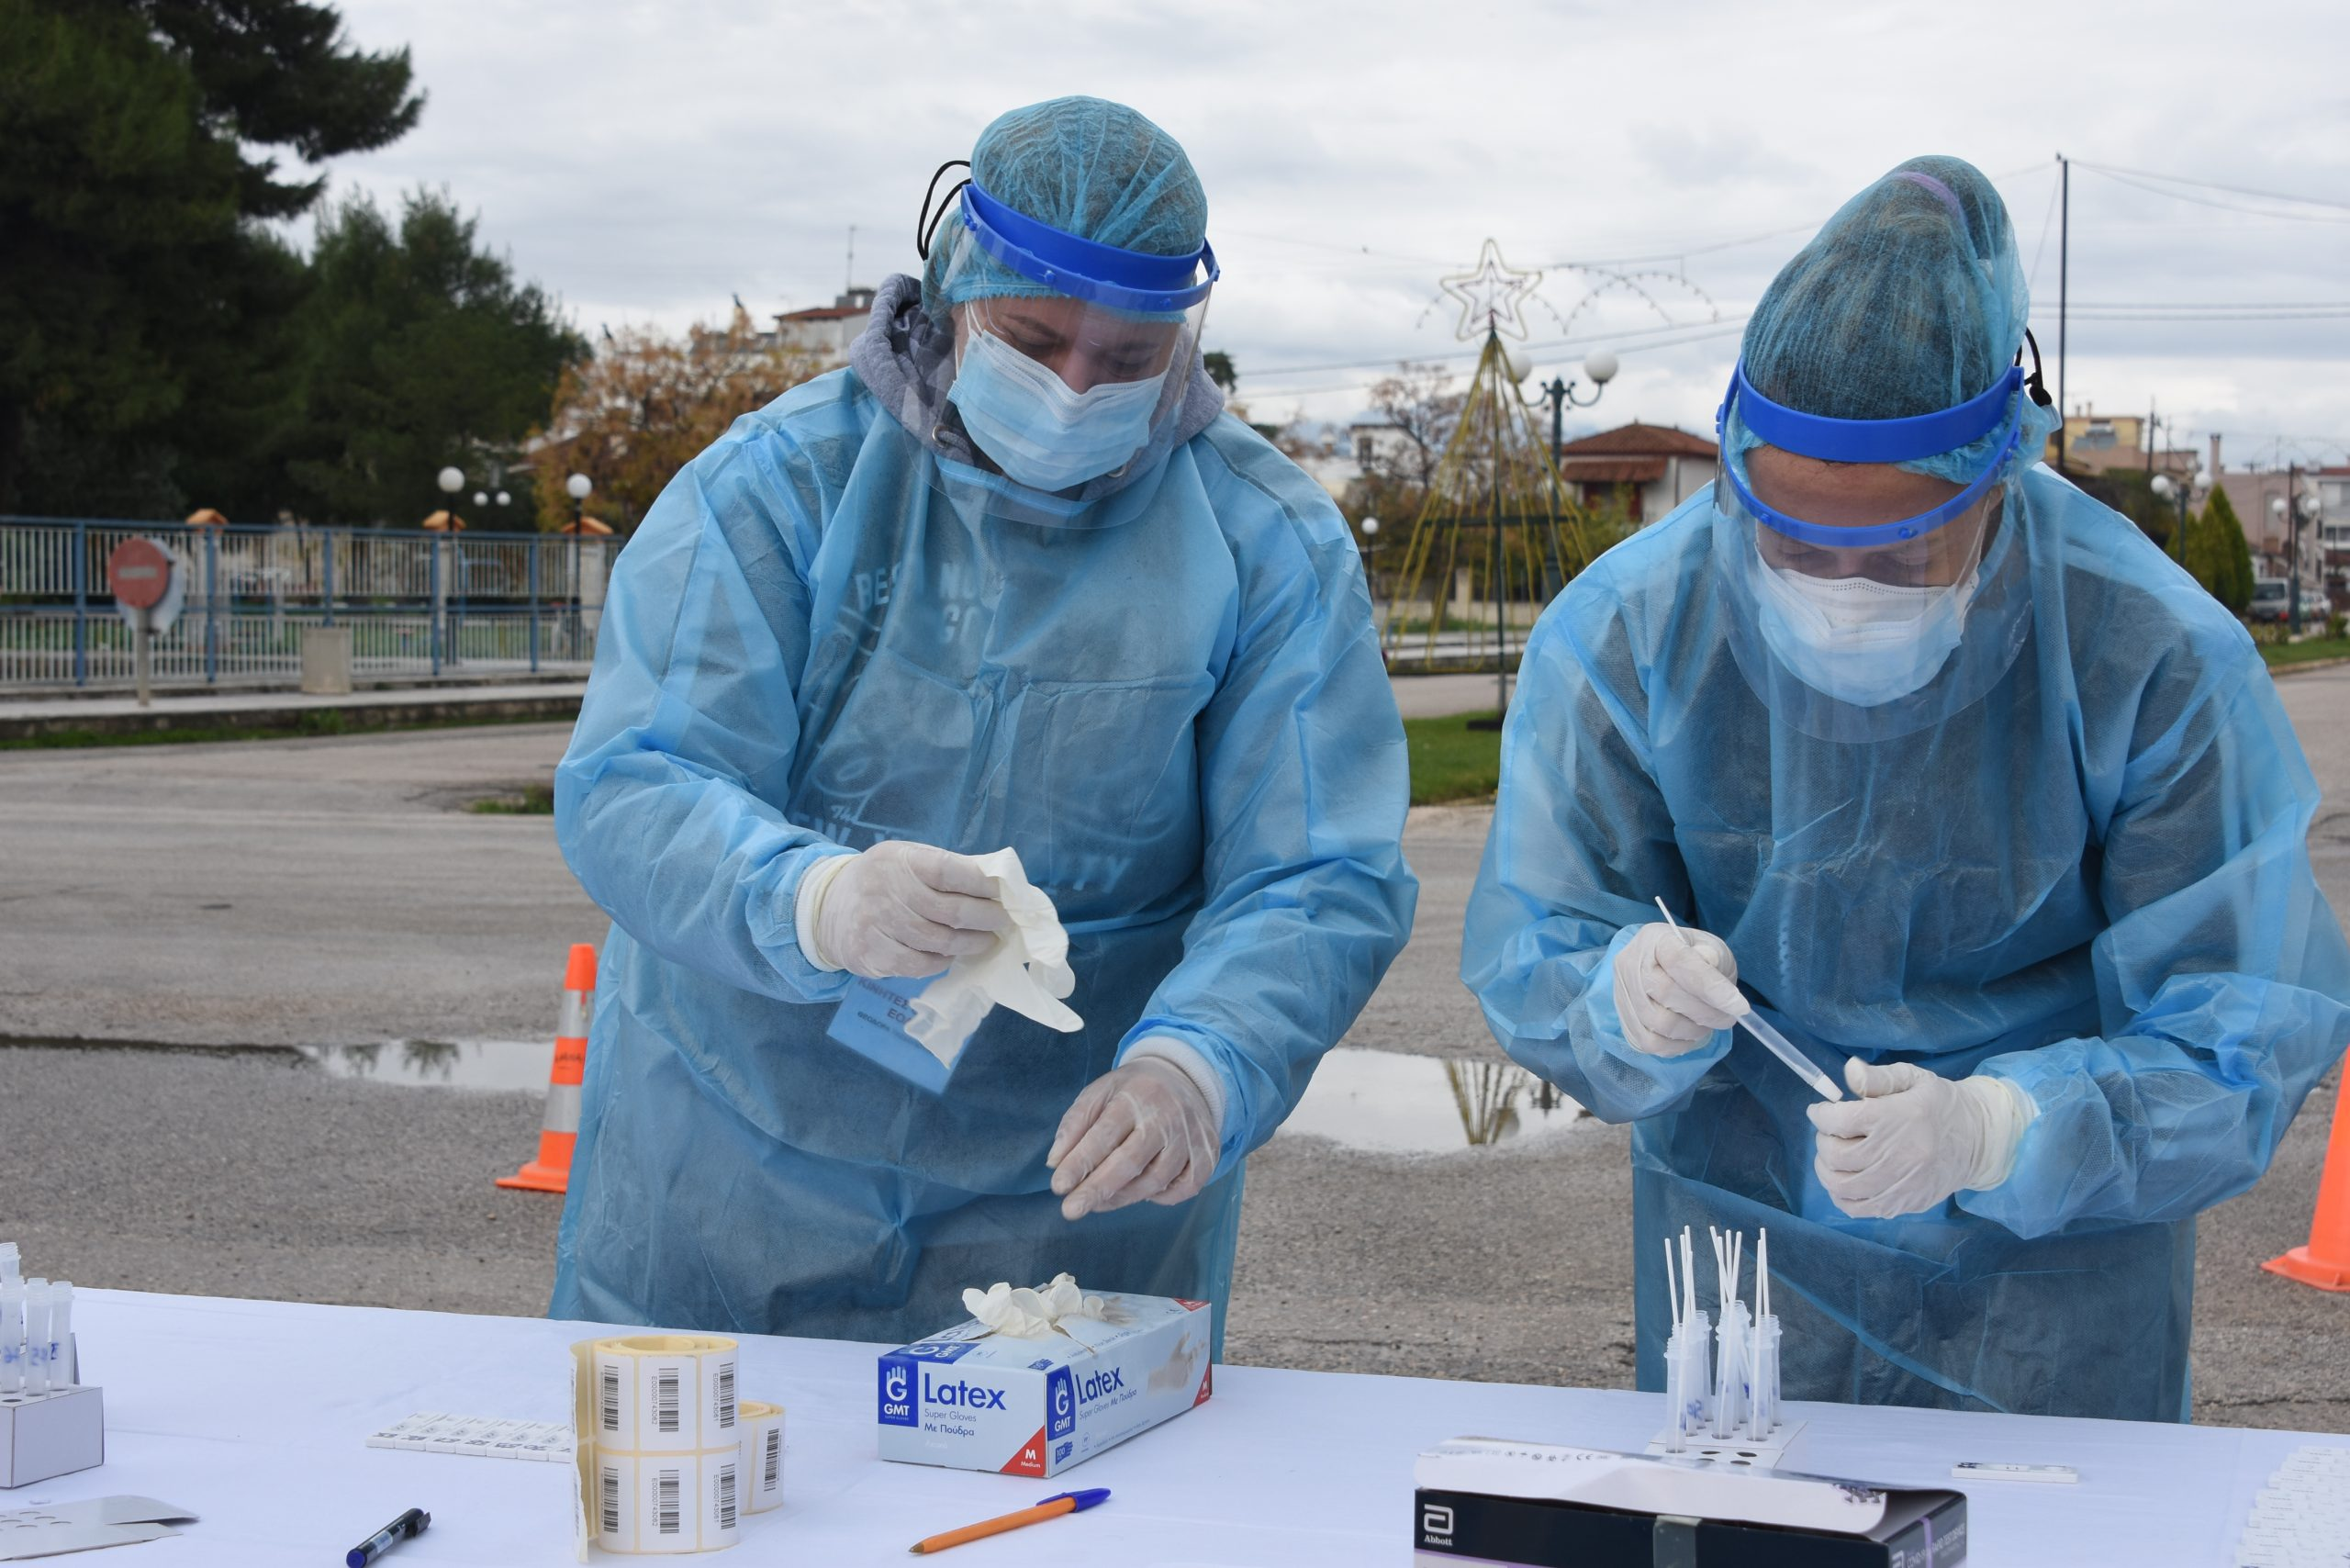 Κορονοϊός : Μαζικά δωρεάν rapid test για τον κορωνοϊό σε Μαυρομμάτι και Λεοντάρι